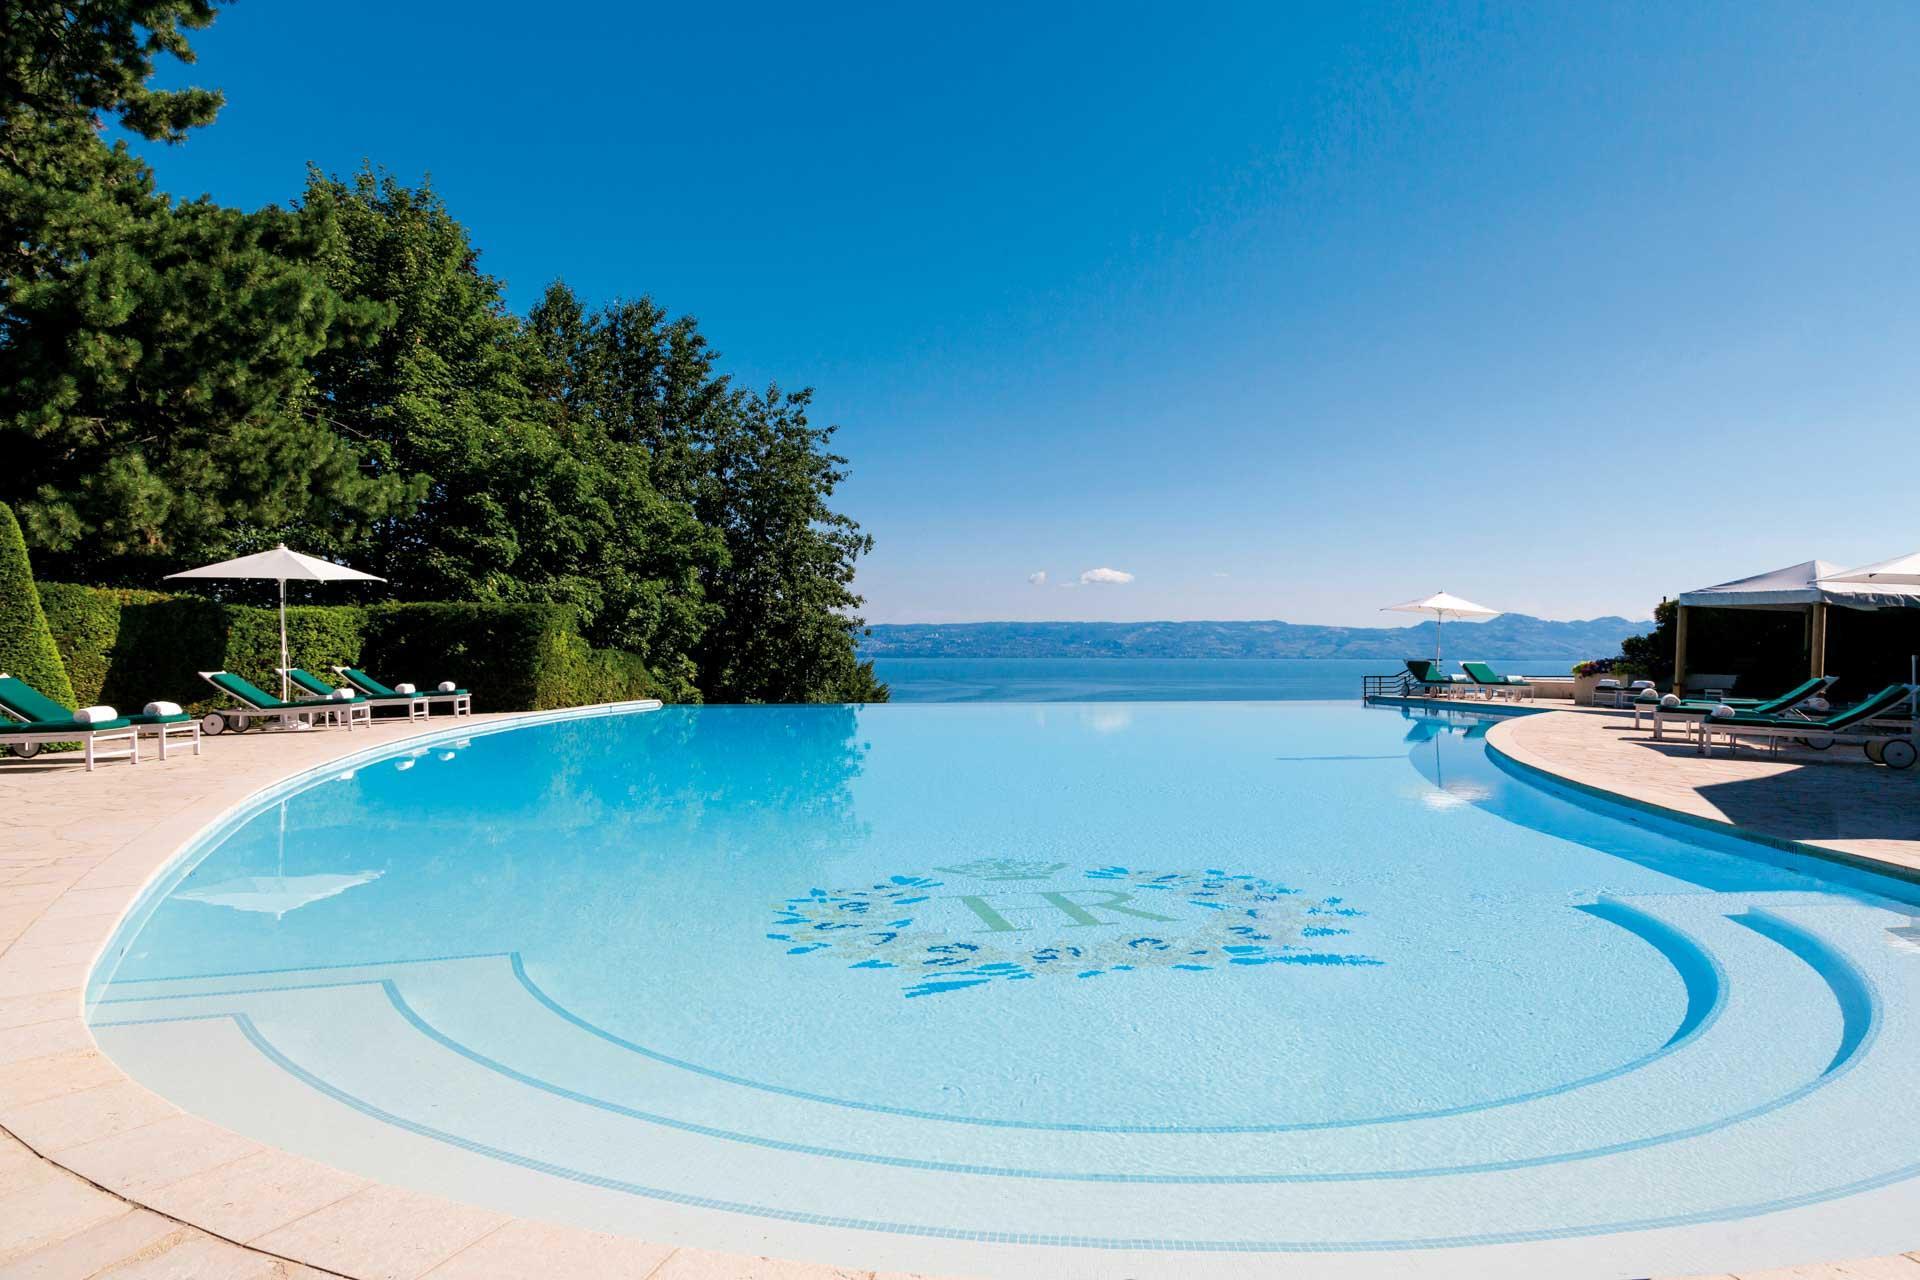 Les eaux de la magnifique piscine à débordement se confondent avec celles du lac © DR